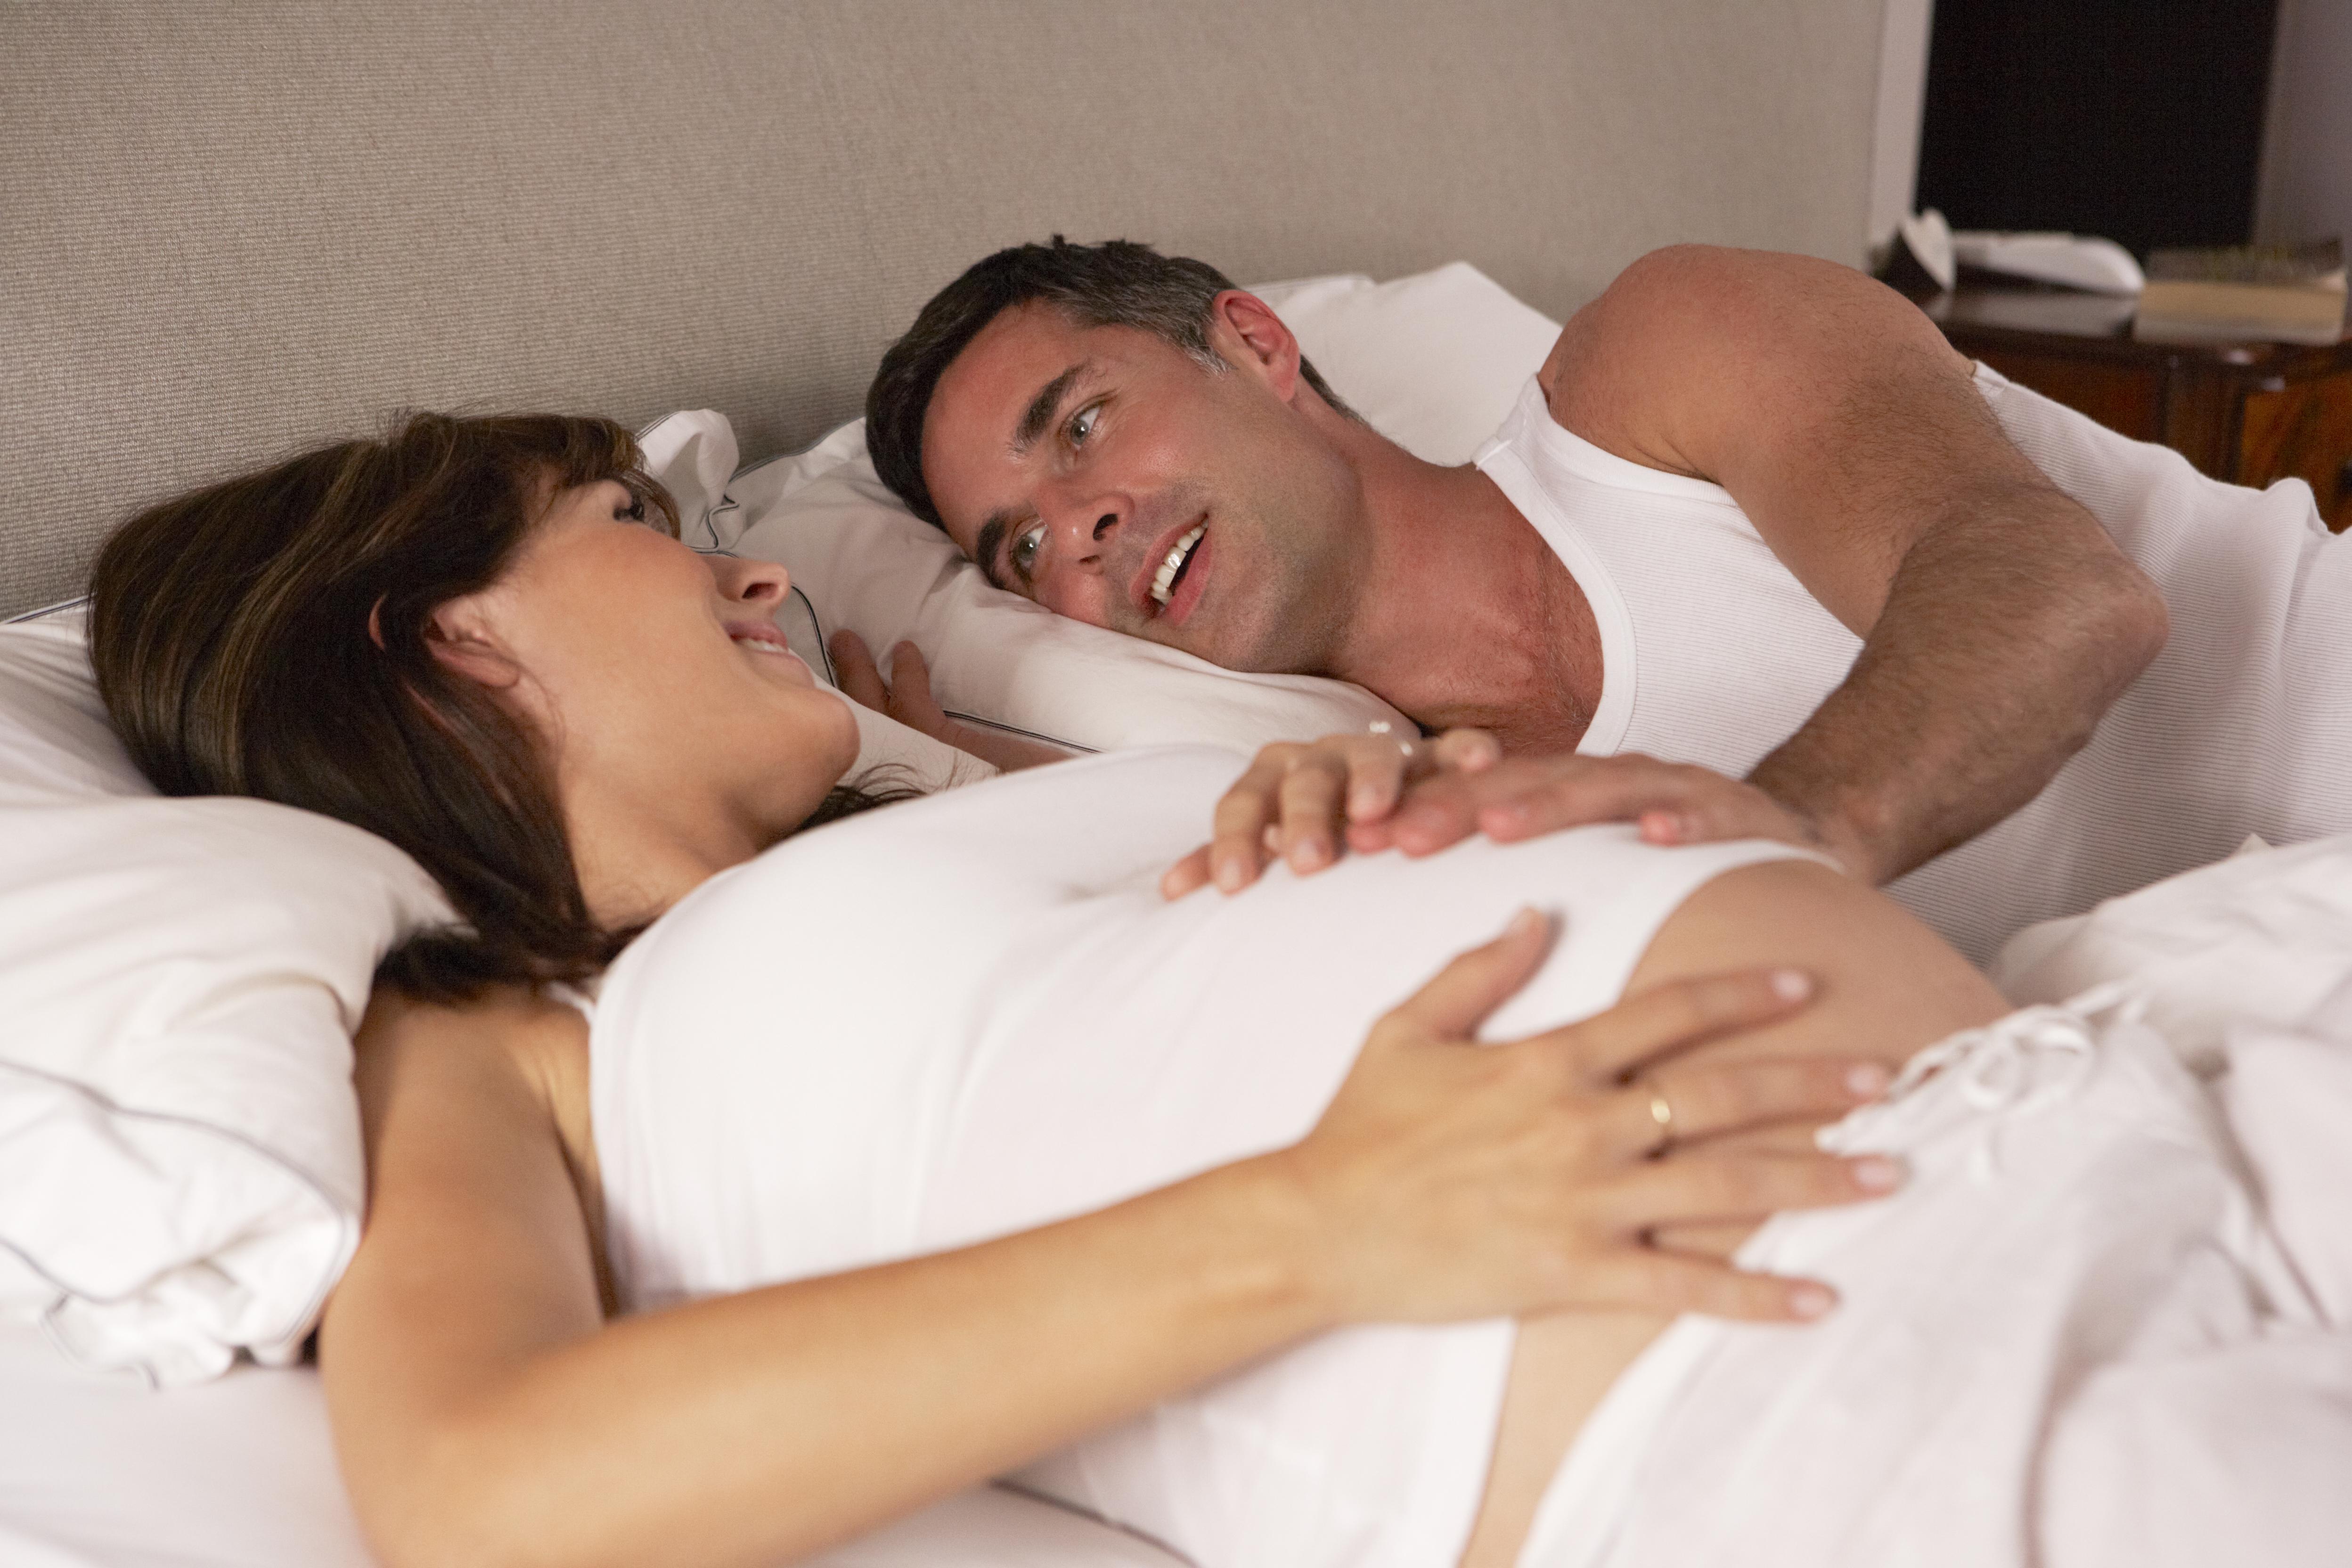 как по искуствинаму заниматся сексом